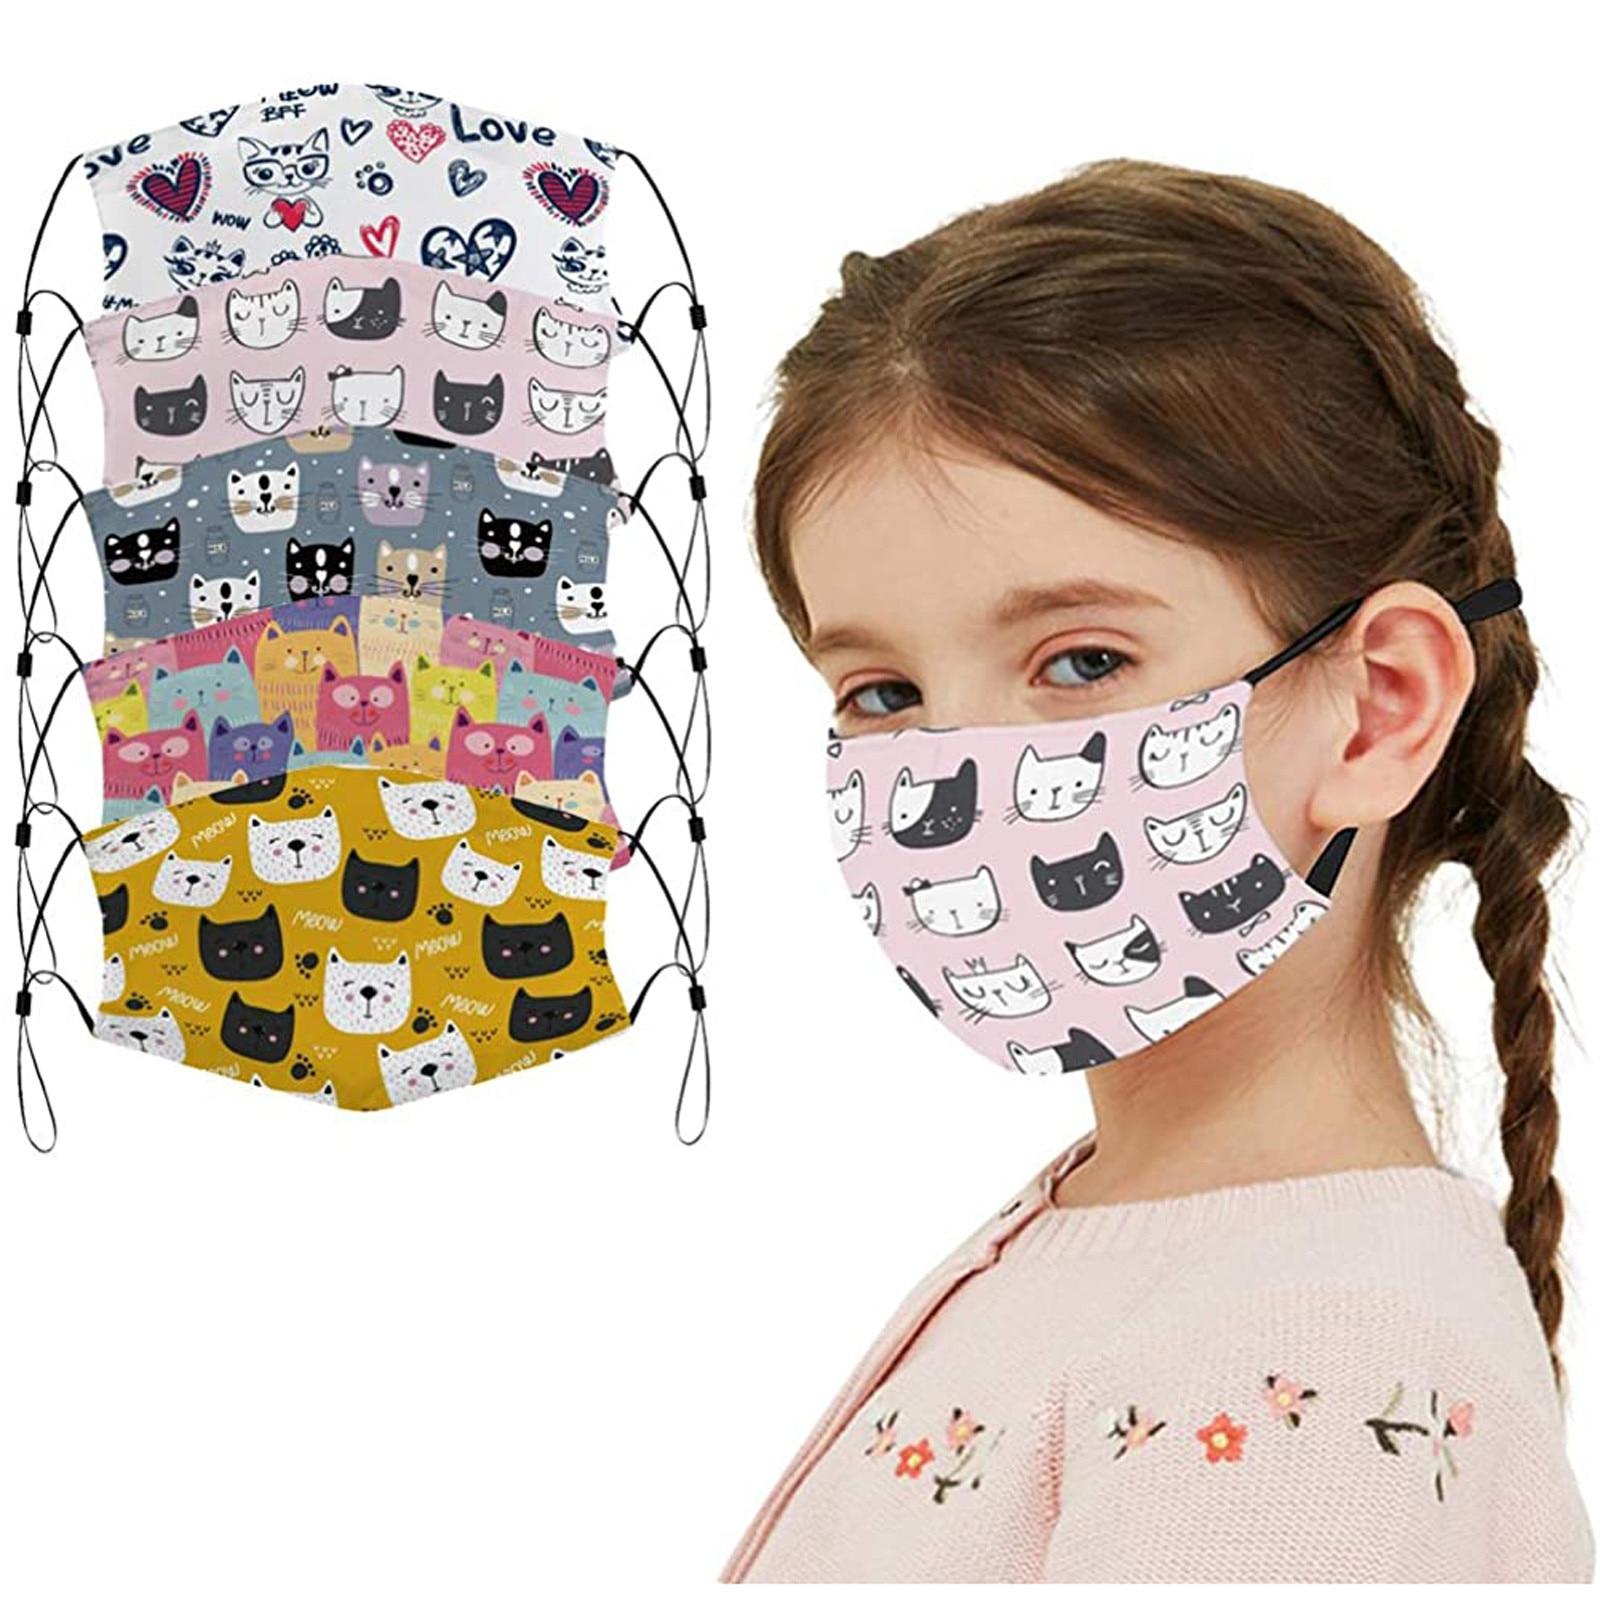 Маска для лица многоразовая детская с мультяшным котом, регулируемый верёвочный чехол для рта, дышащая защита